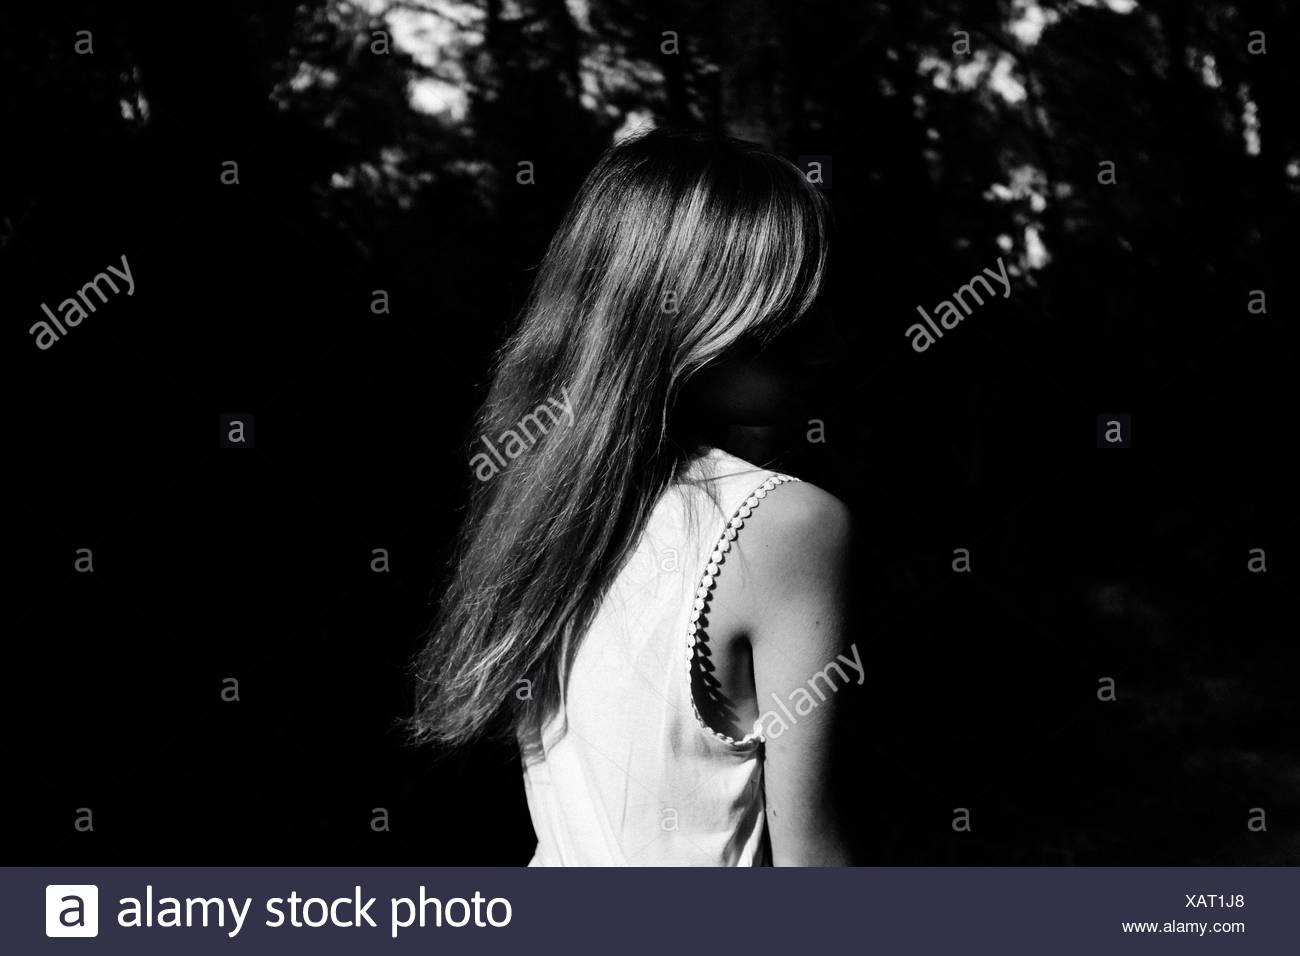 Vista trasera de una mujer contra plantas oscuro Imagen De Stock